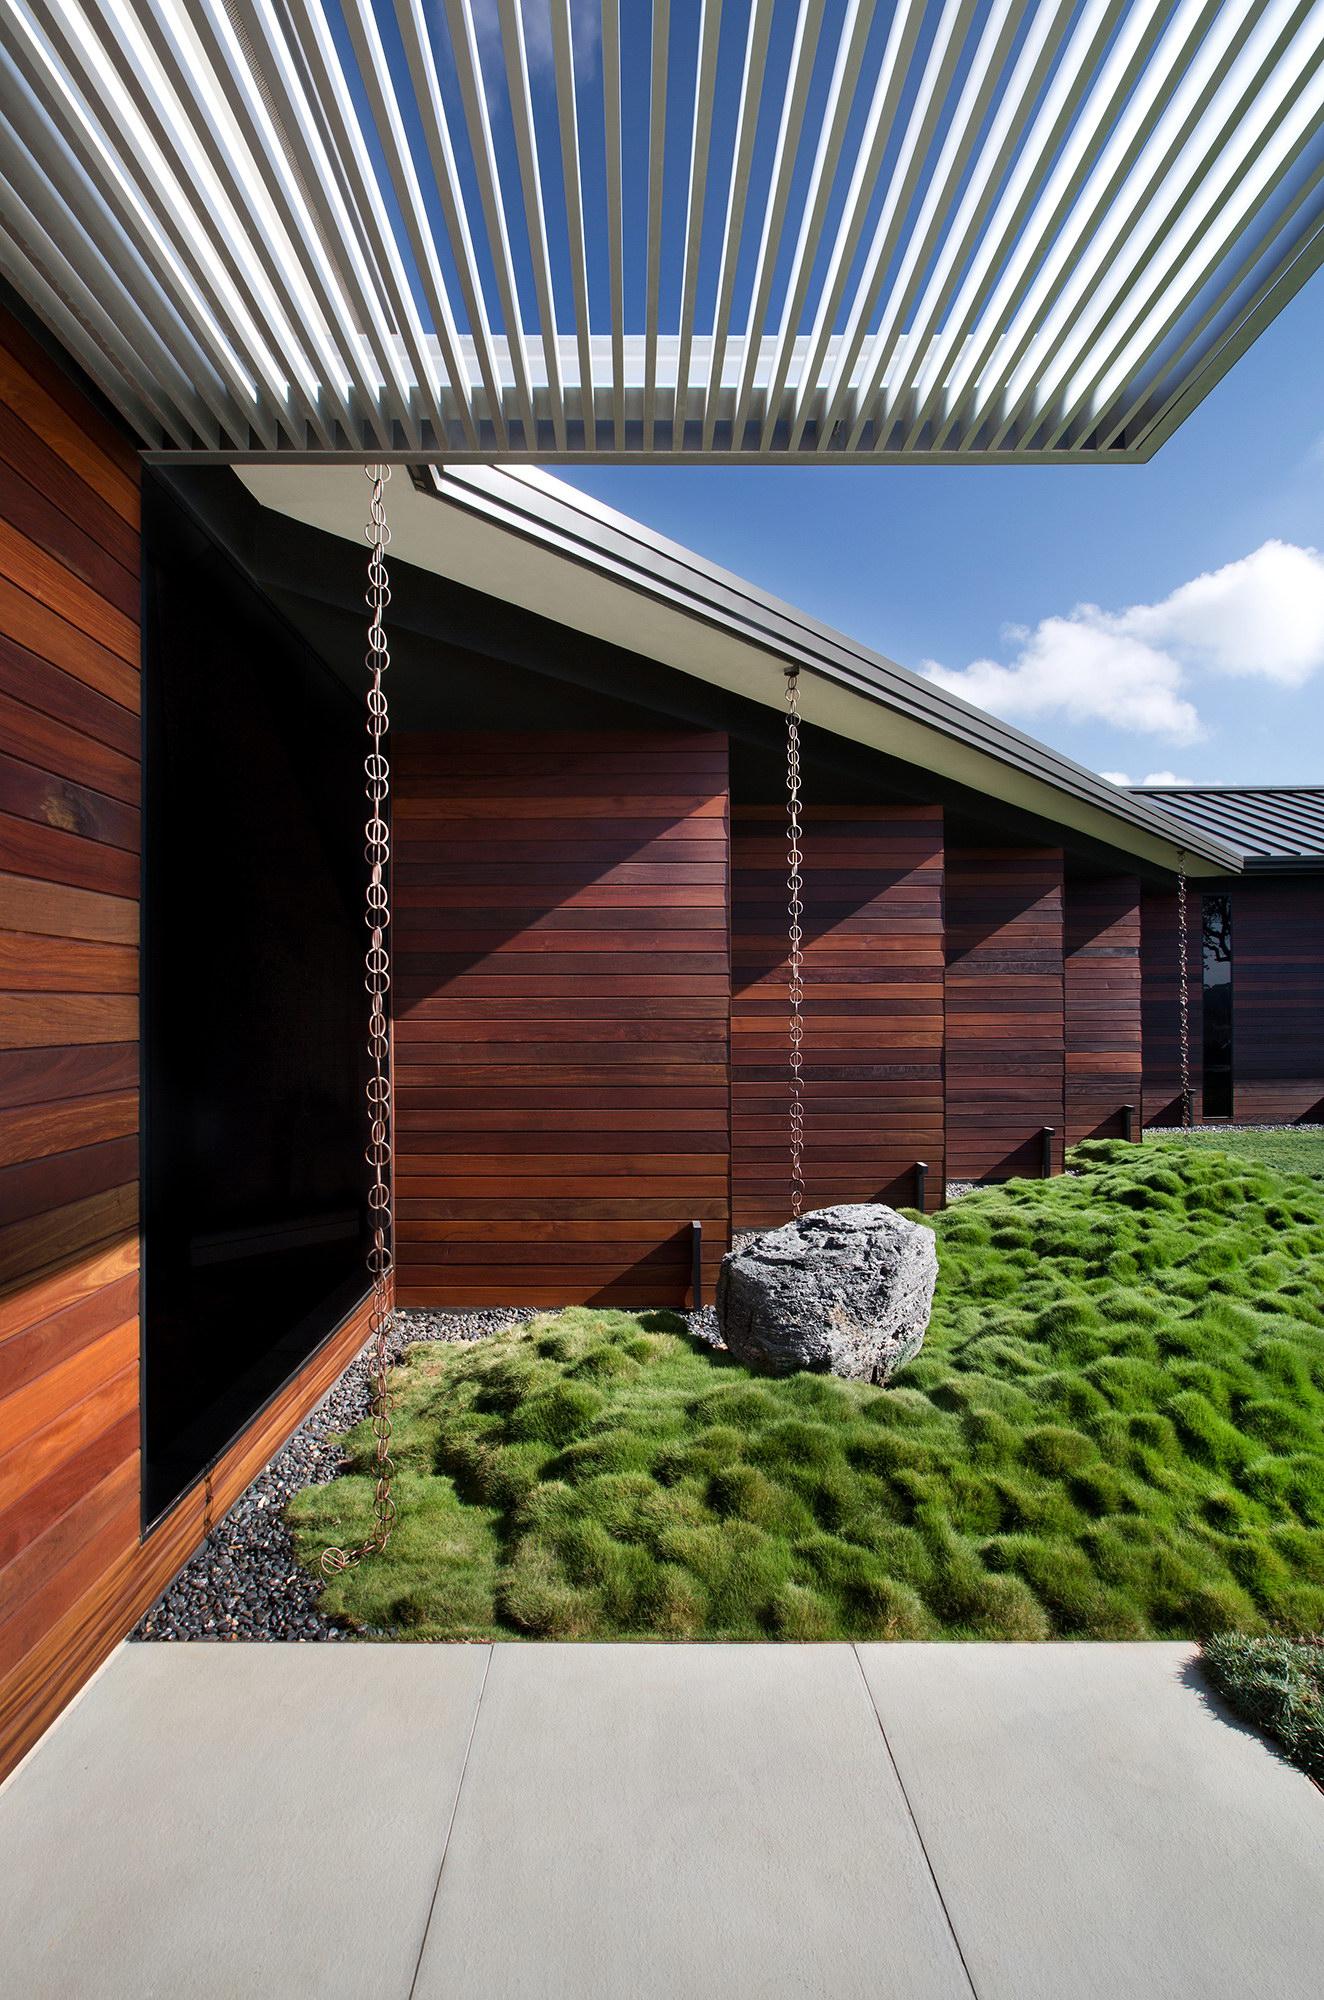 Hilltop House Renovation by Miró Rivera Architects